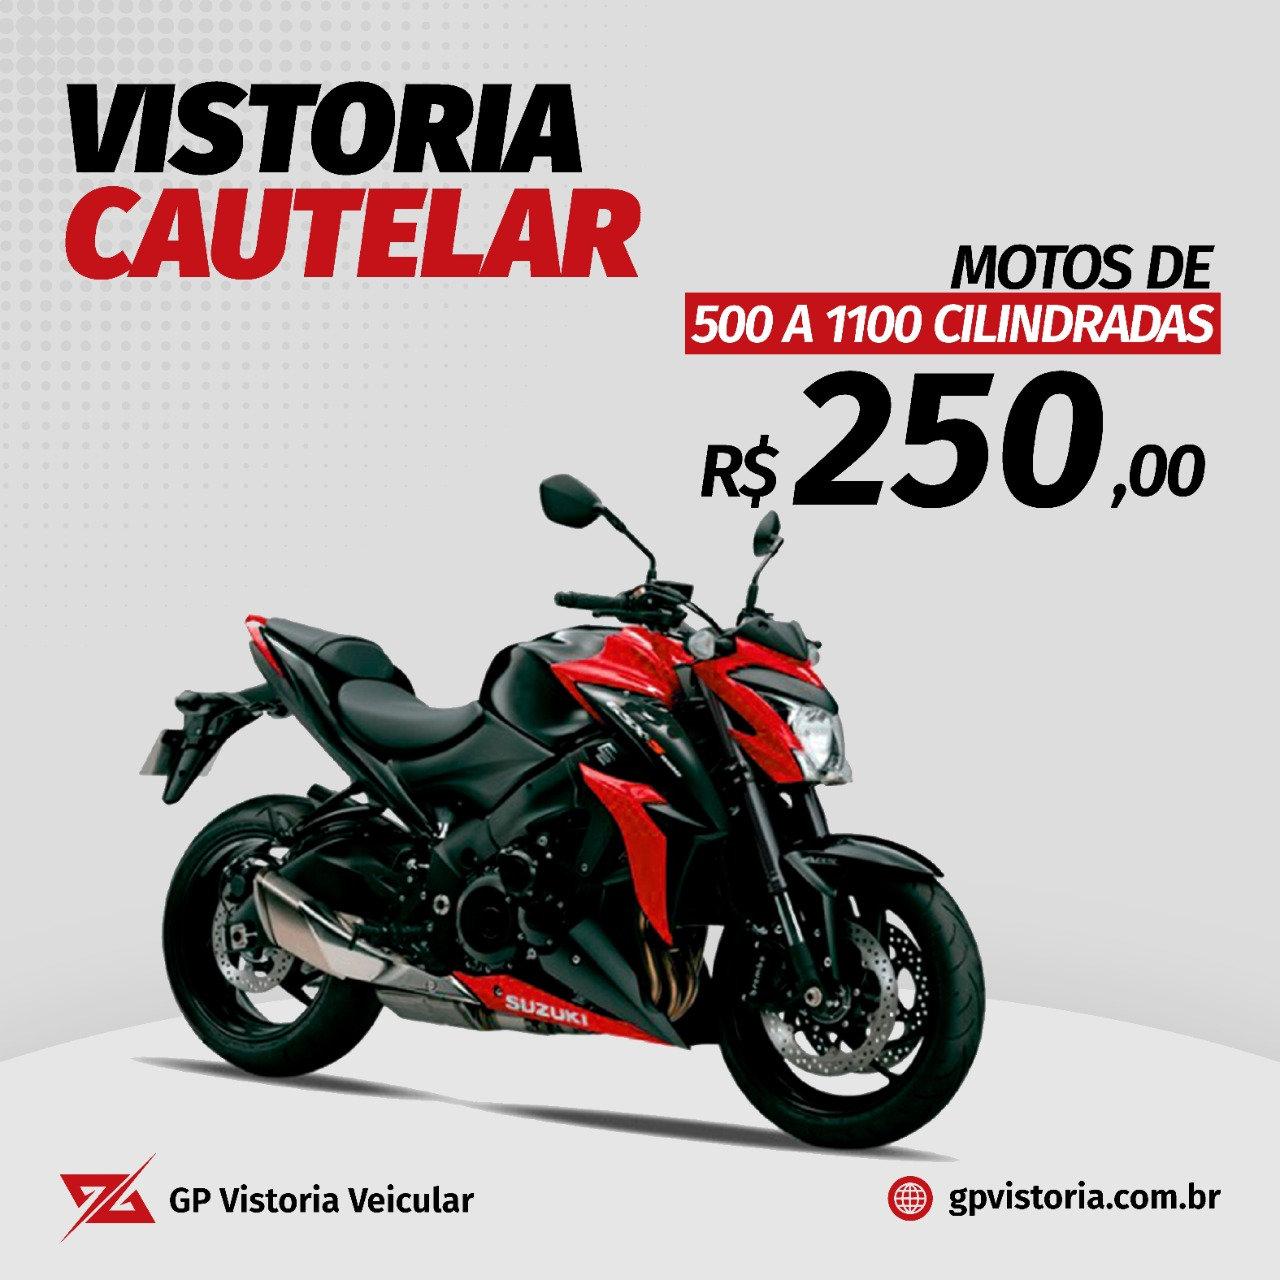 Cautelar de Motos 500 a 1100 Cilindradas